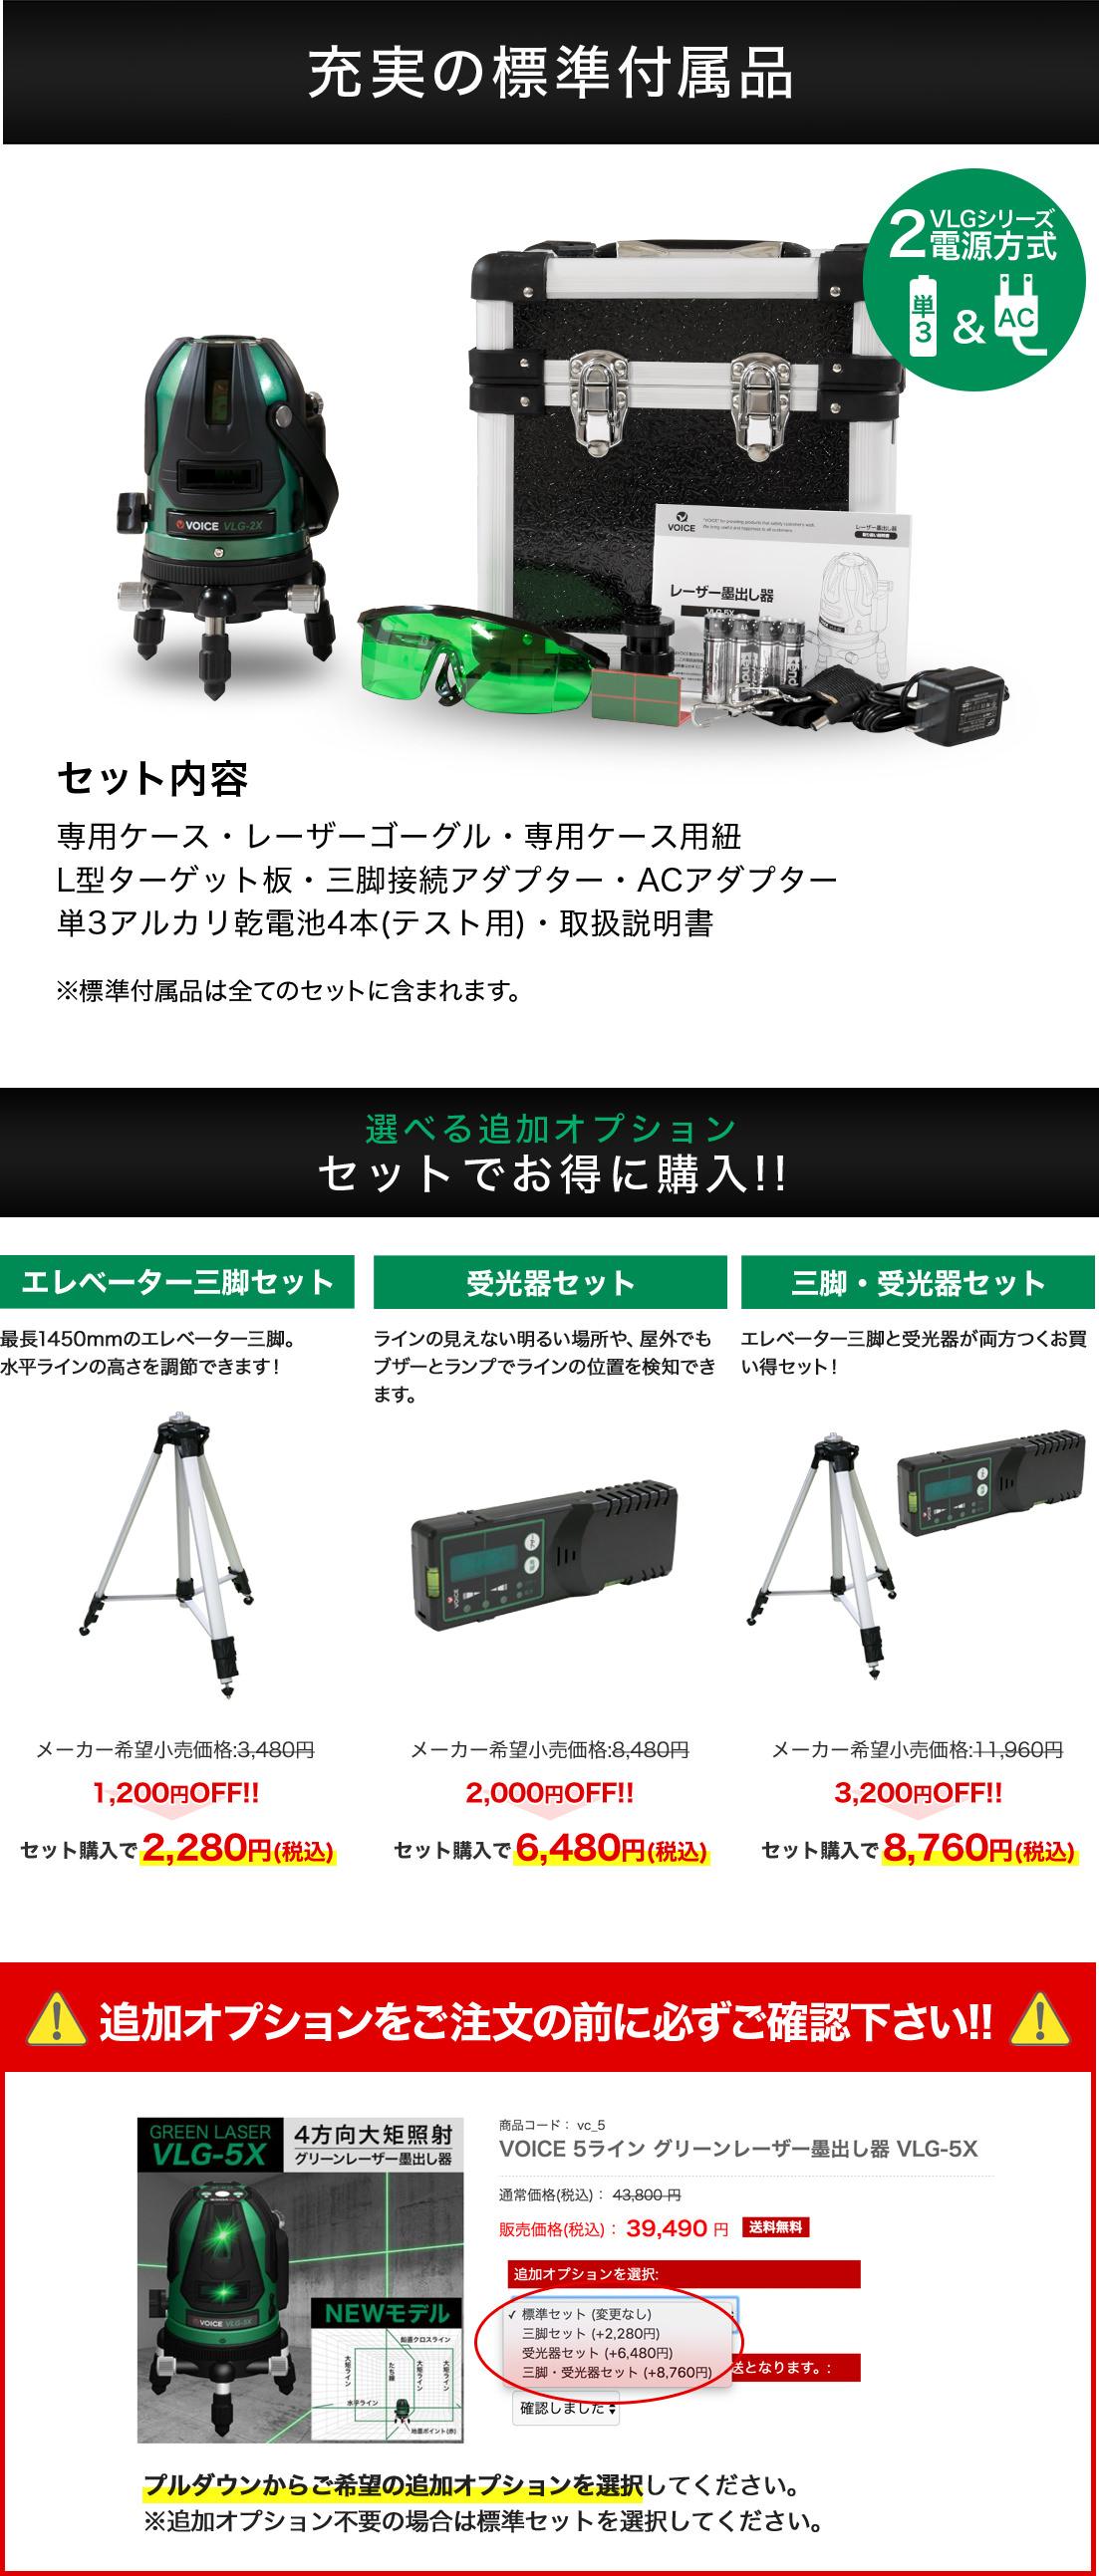 レーザー墨出し器 VLG-5X 標準付属品